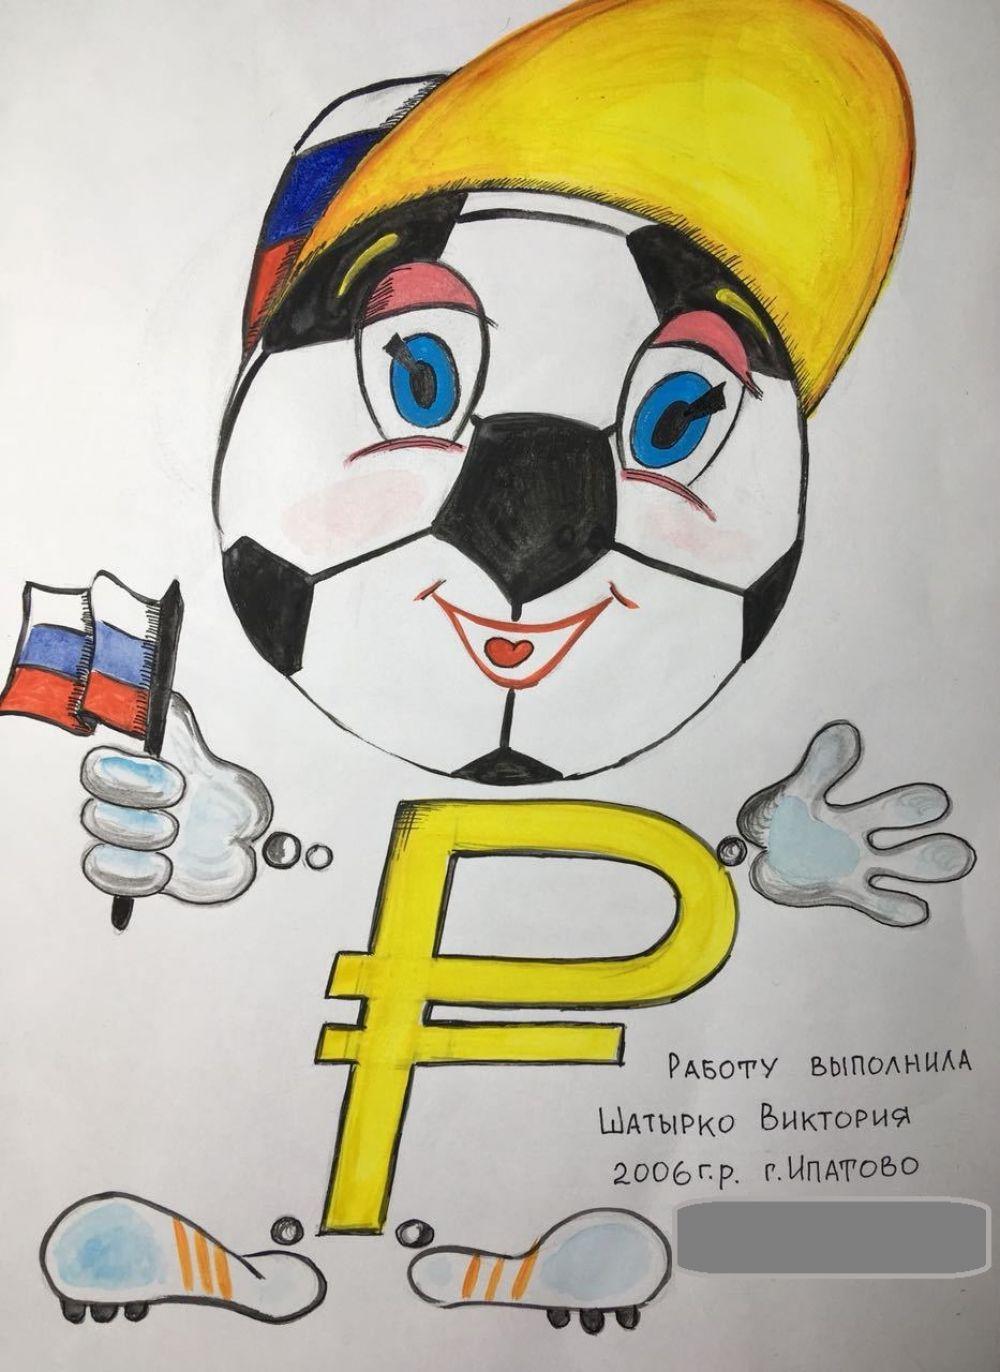 Шатырко Виктория, 11 лет, Ипатово